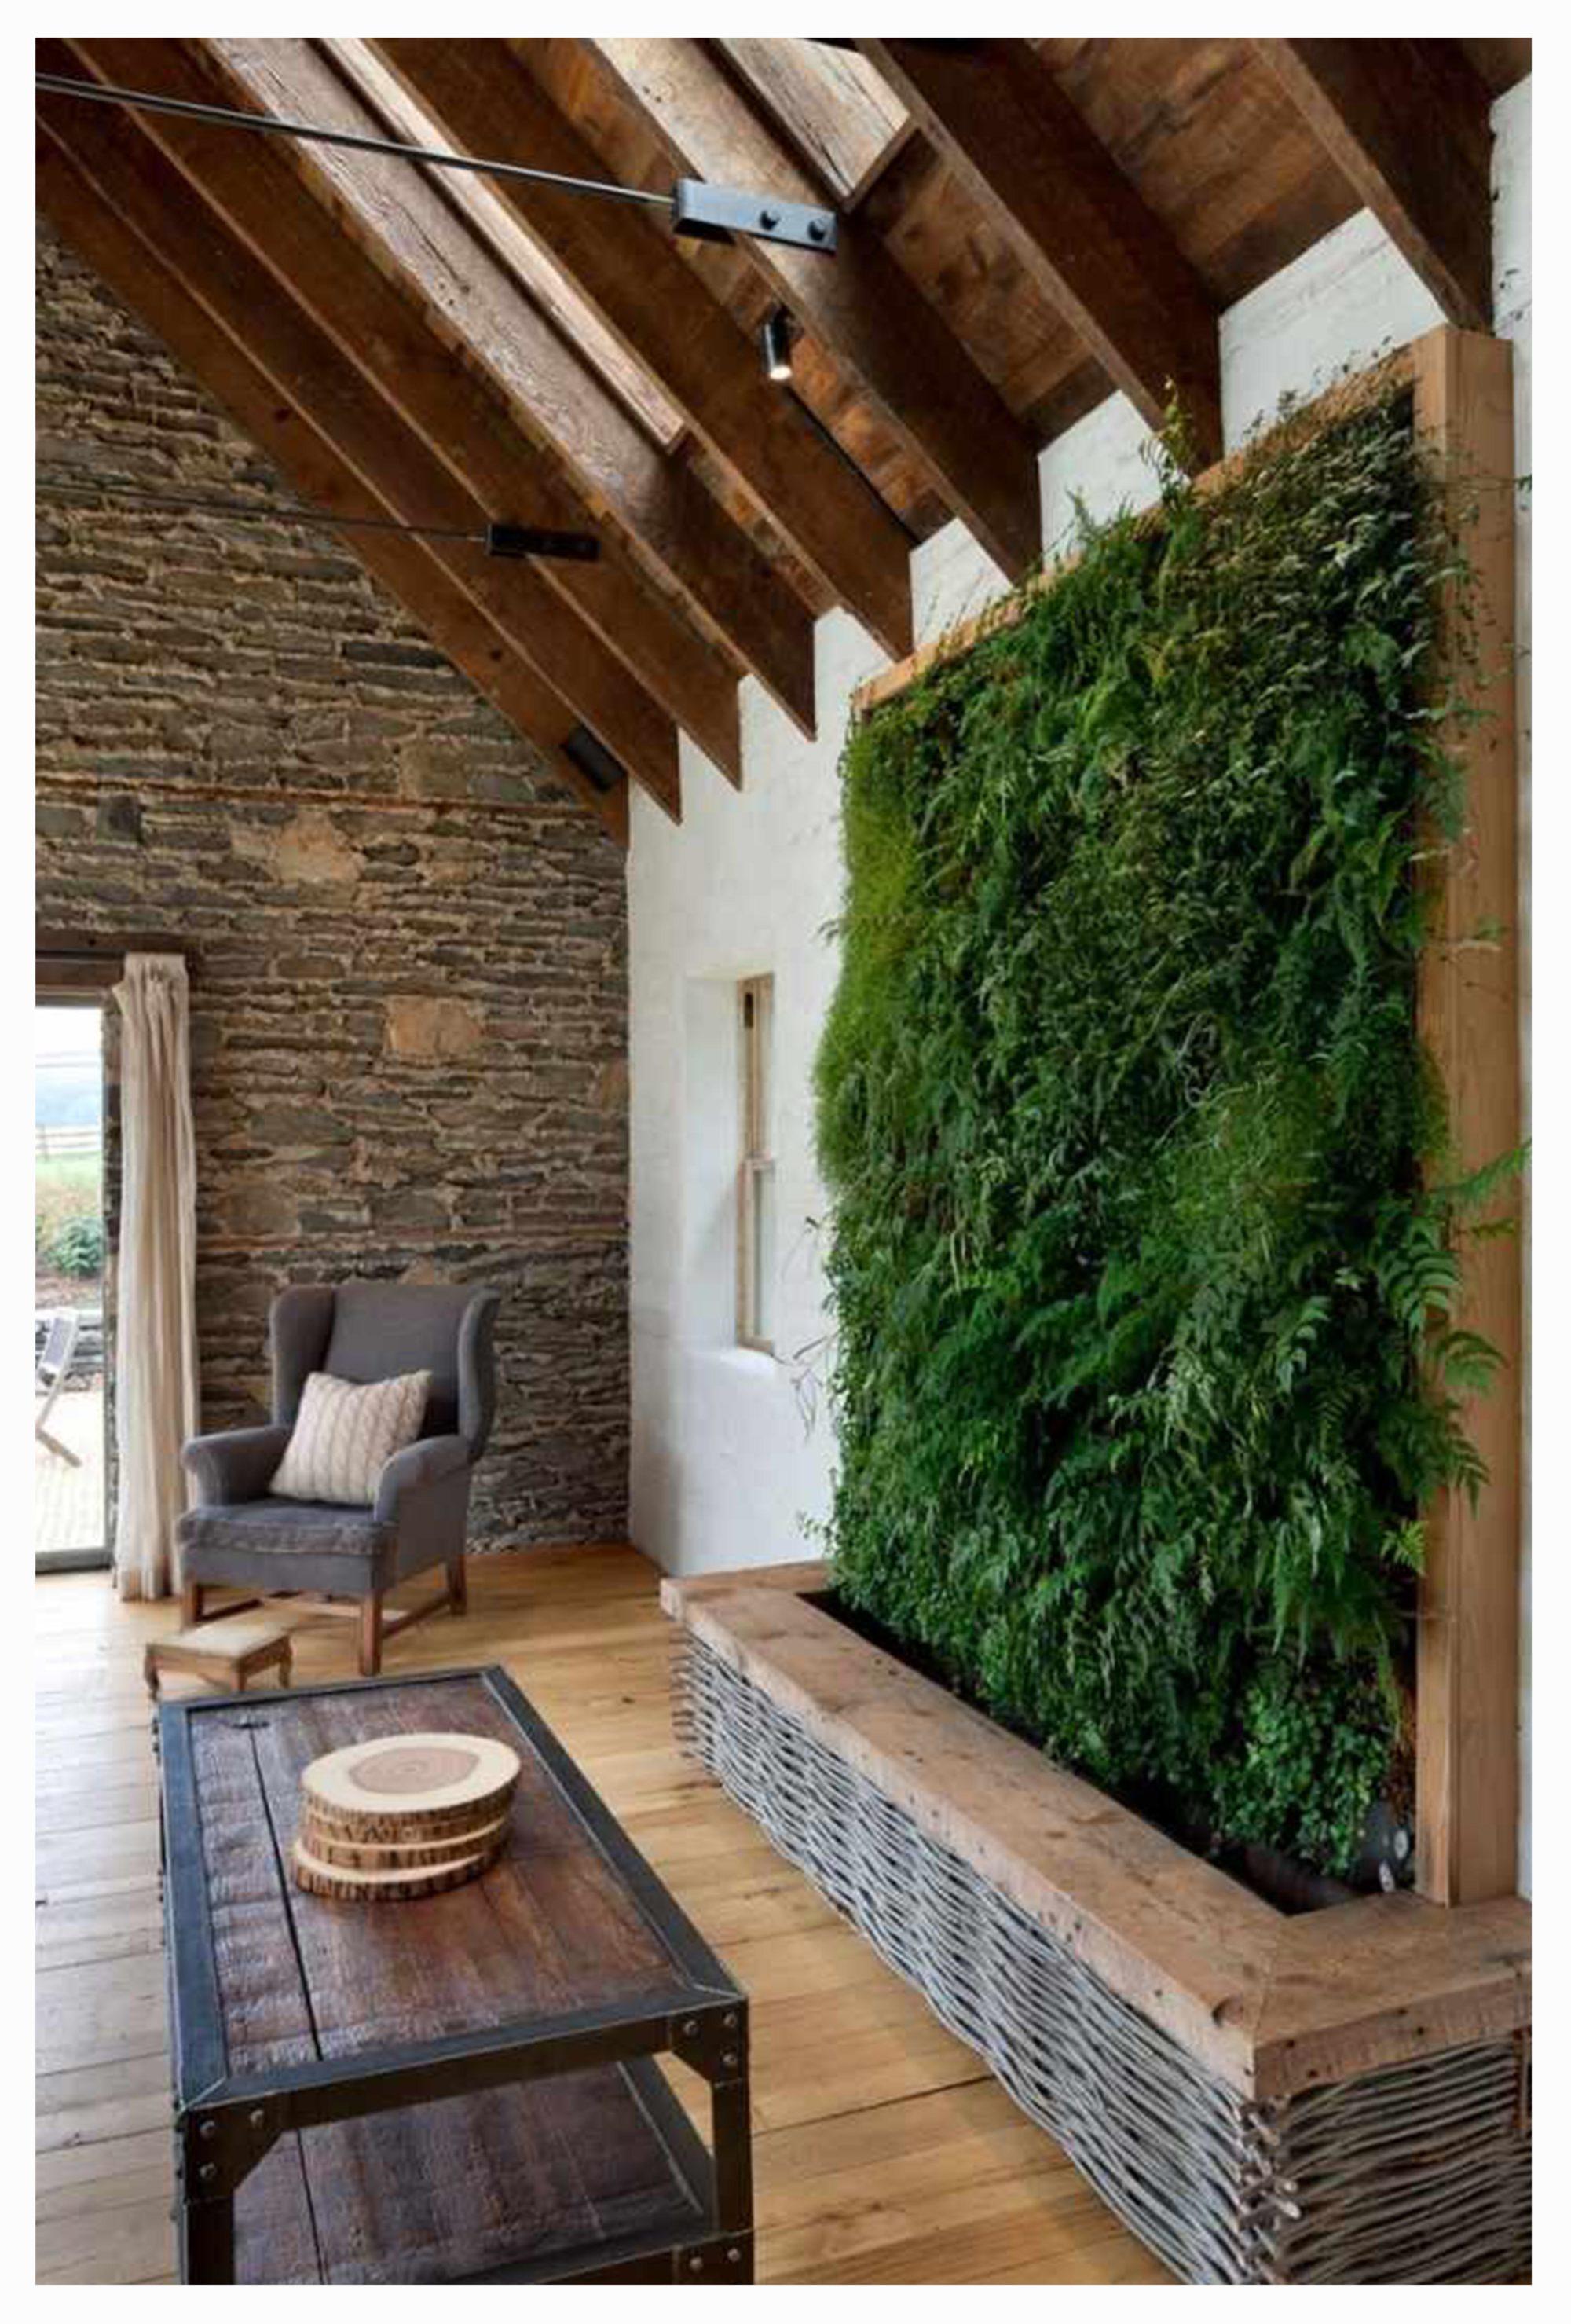 Les Plus Beaux Intérieurs De Maison en ce qui concerne deco : les plus beaux murs végétaux repérés sur pinterest - depuis